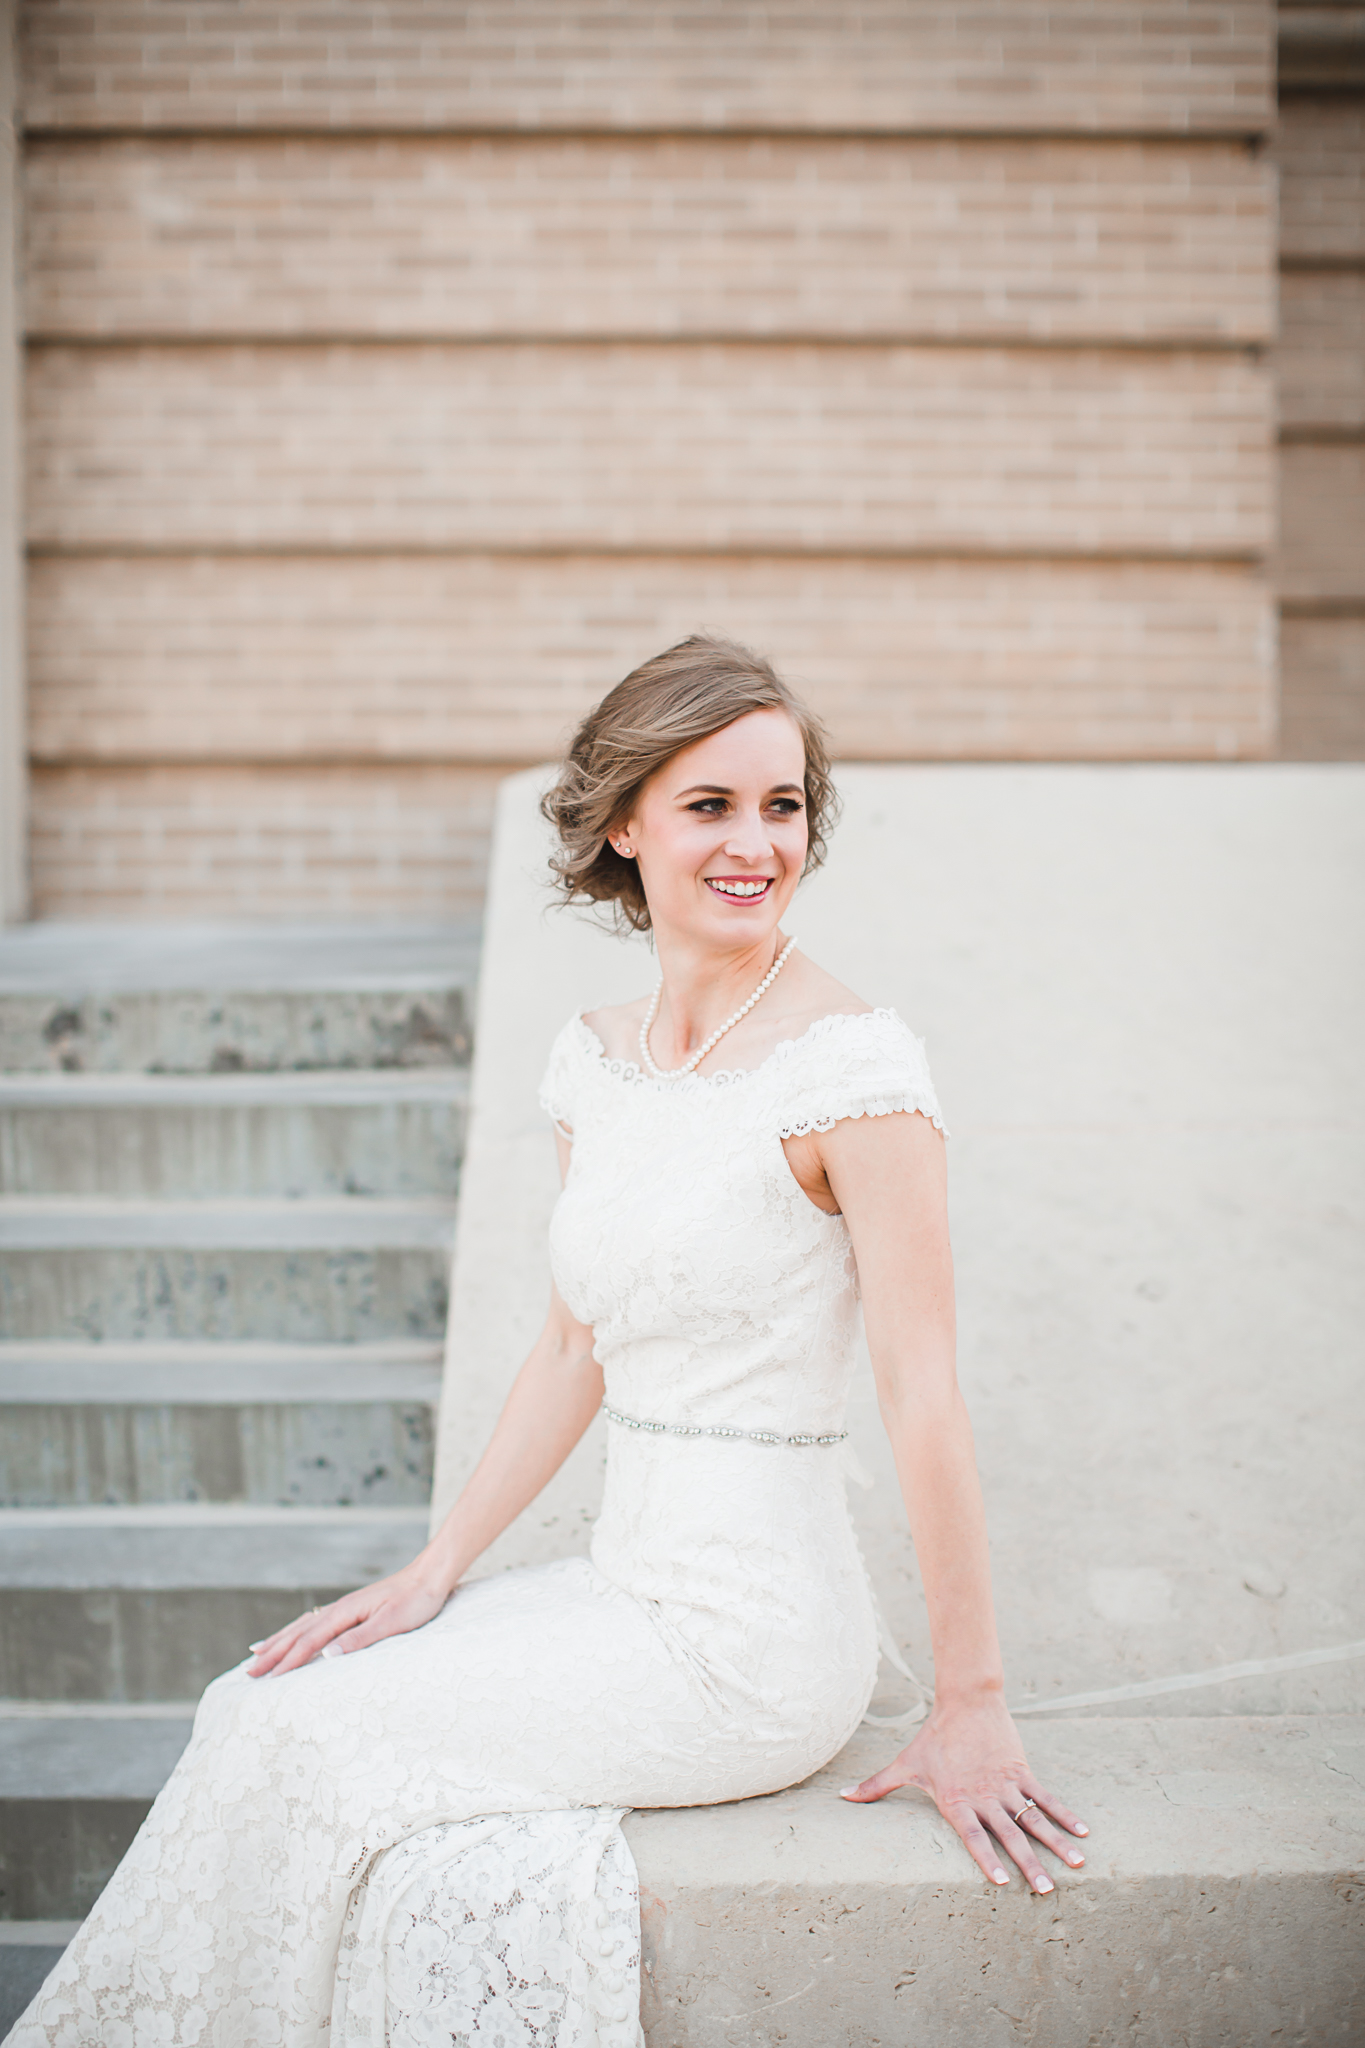 alyssa bridal blog-3.jpg